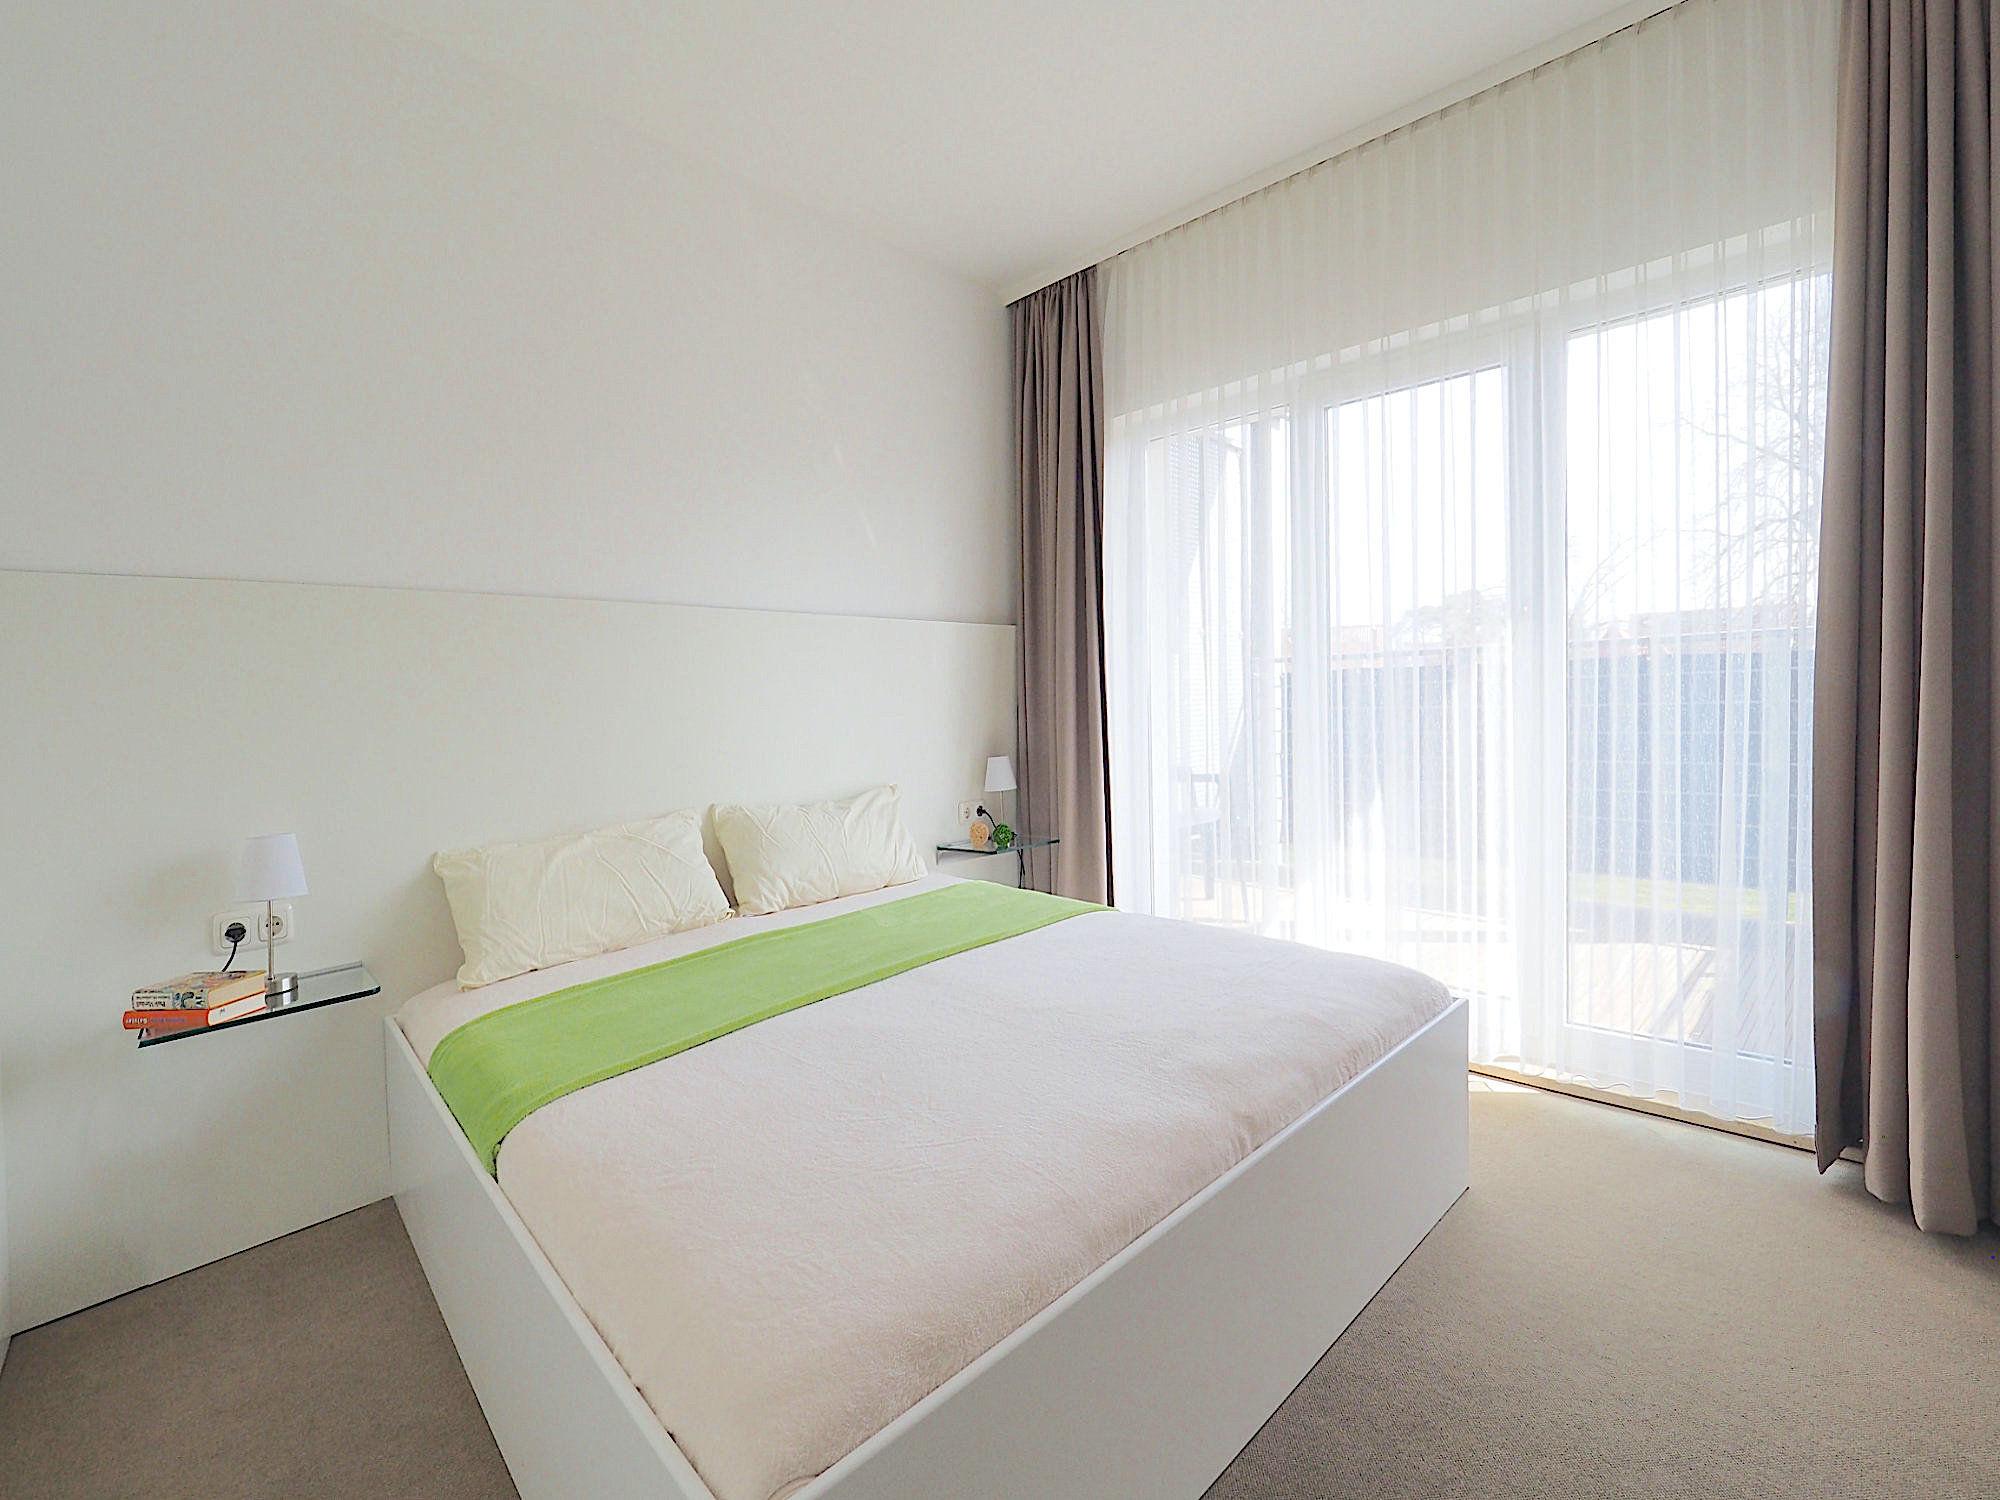 Zweites Schlafzimmer mit Doppelbett, im Hintergrund bodentiefe Fenster